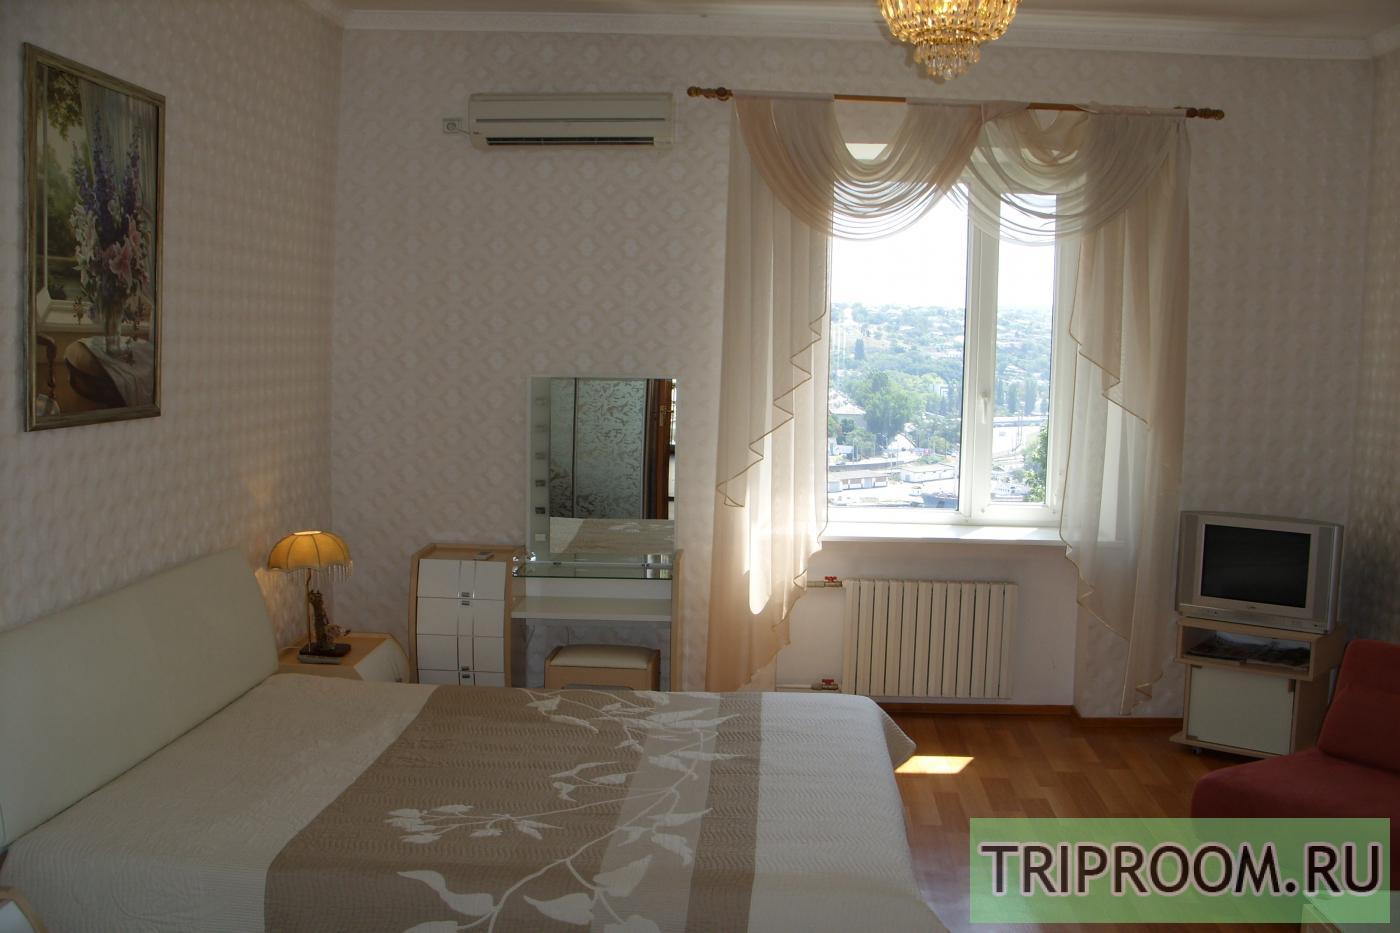 3-комнатная квартира посуточно (вариант № 1590), ул. Ленина улица, фото № 1